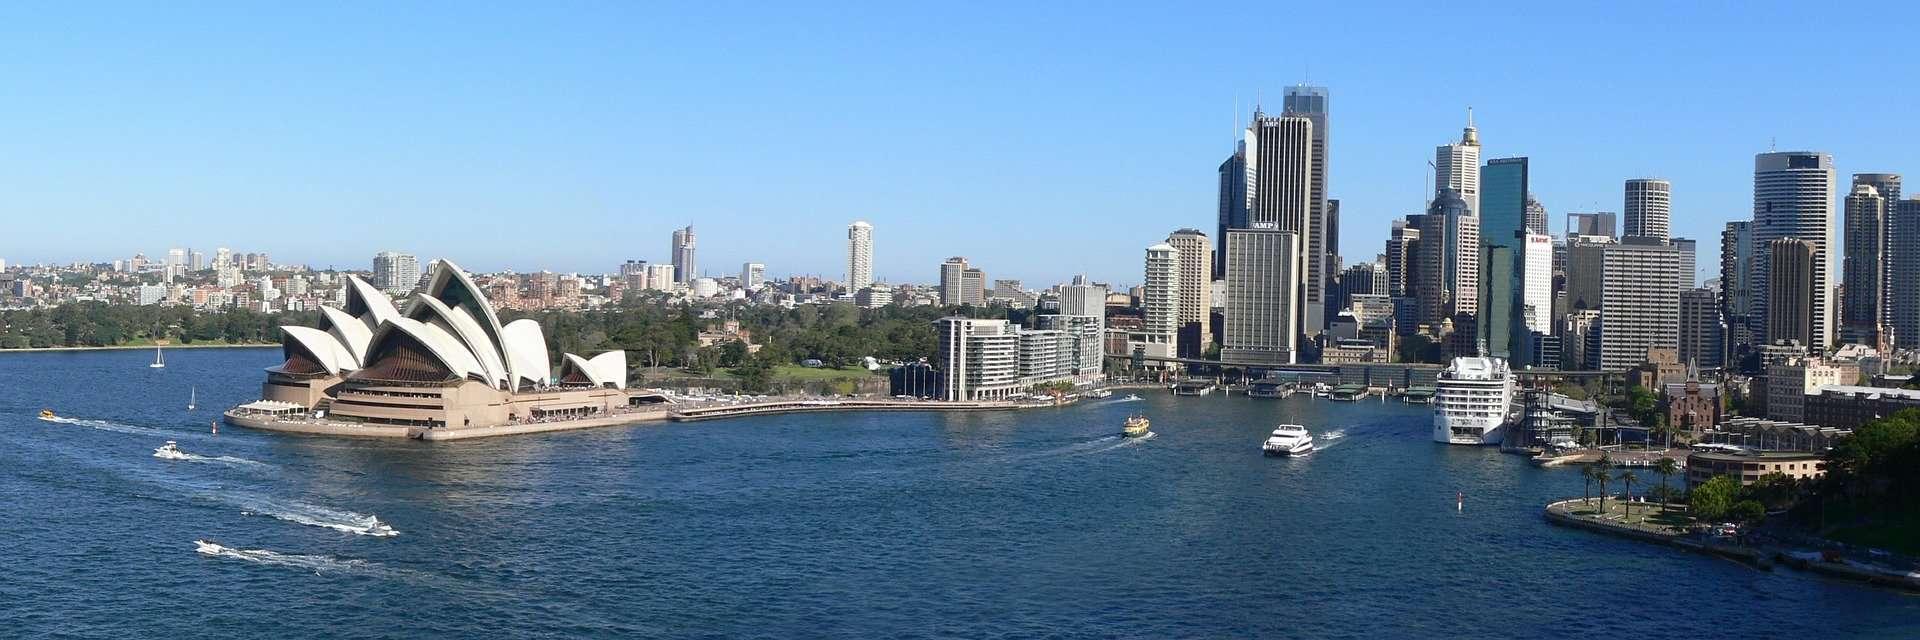 Gay Sydney · Luxury Hotels